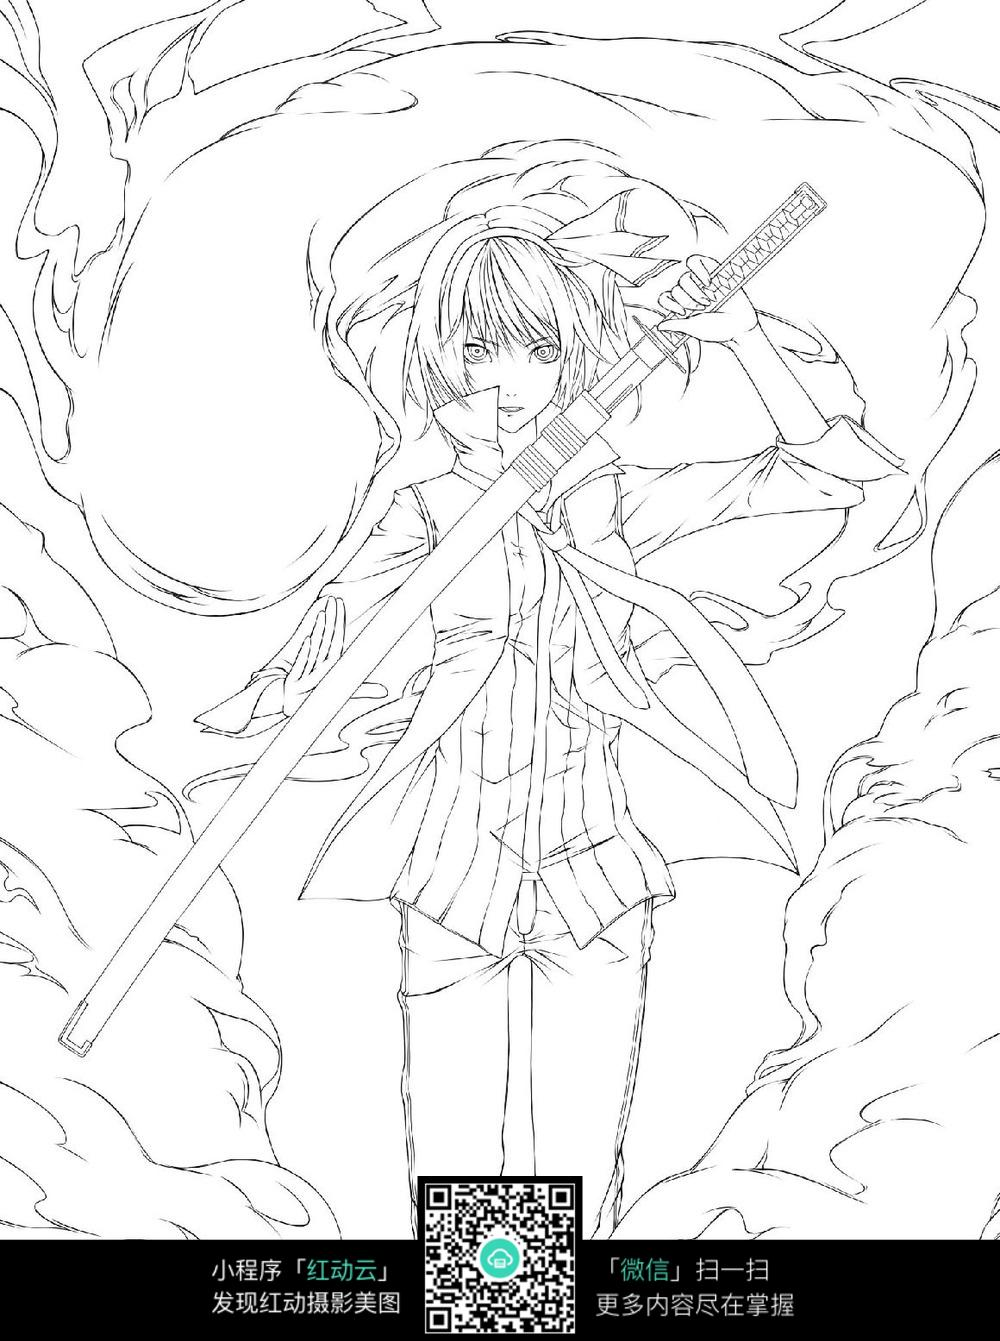 手拿日本刀的动漫人物线稿_人物卡通图片